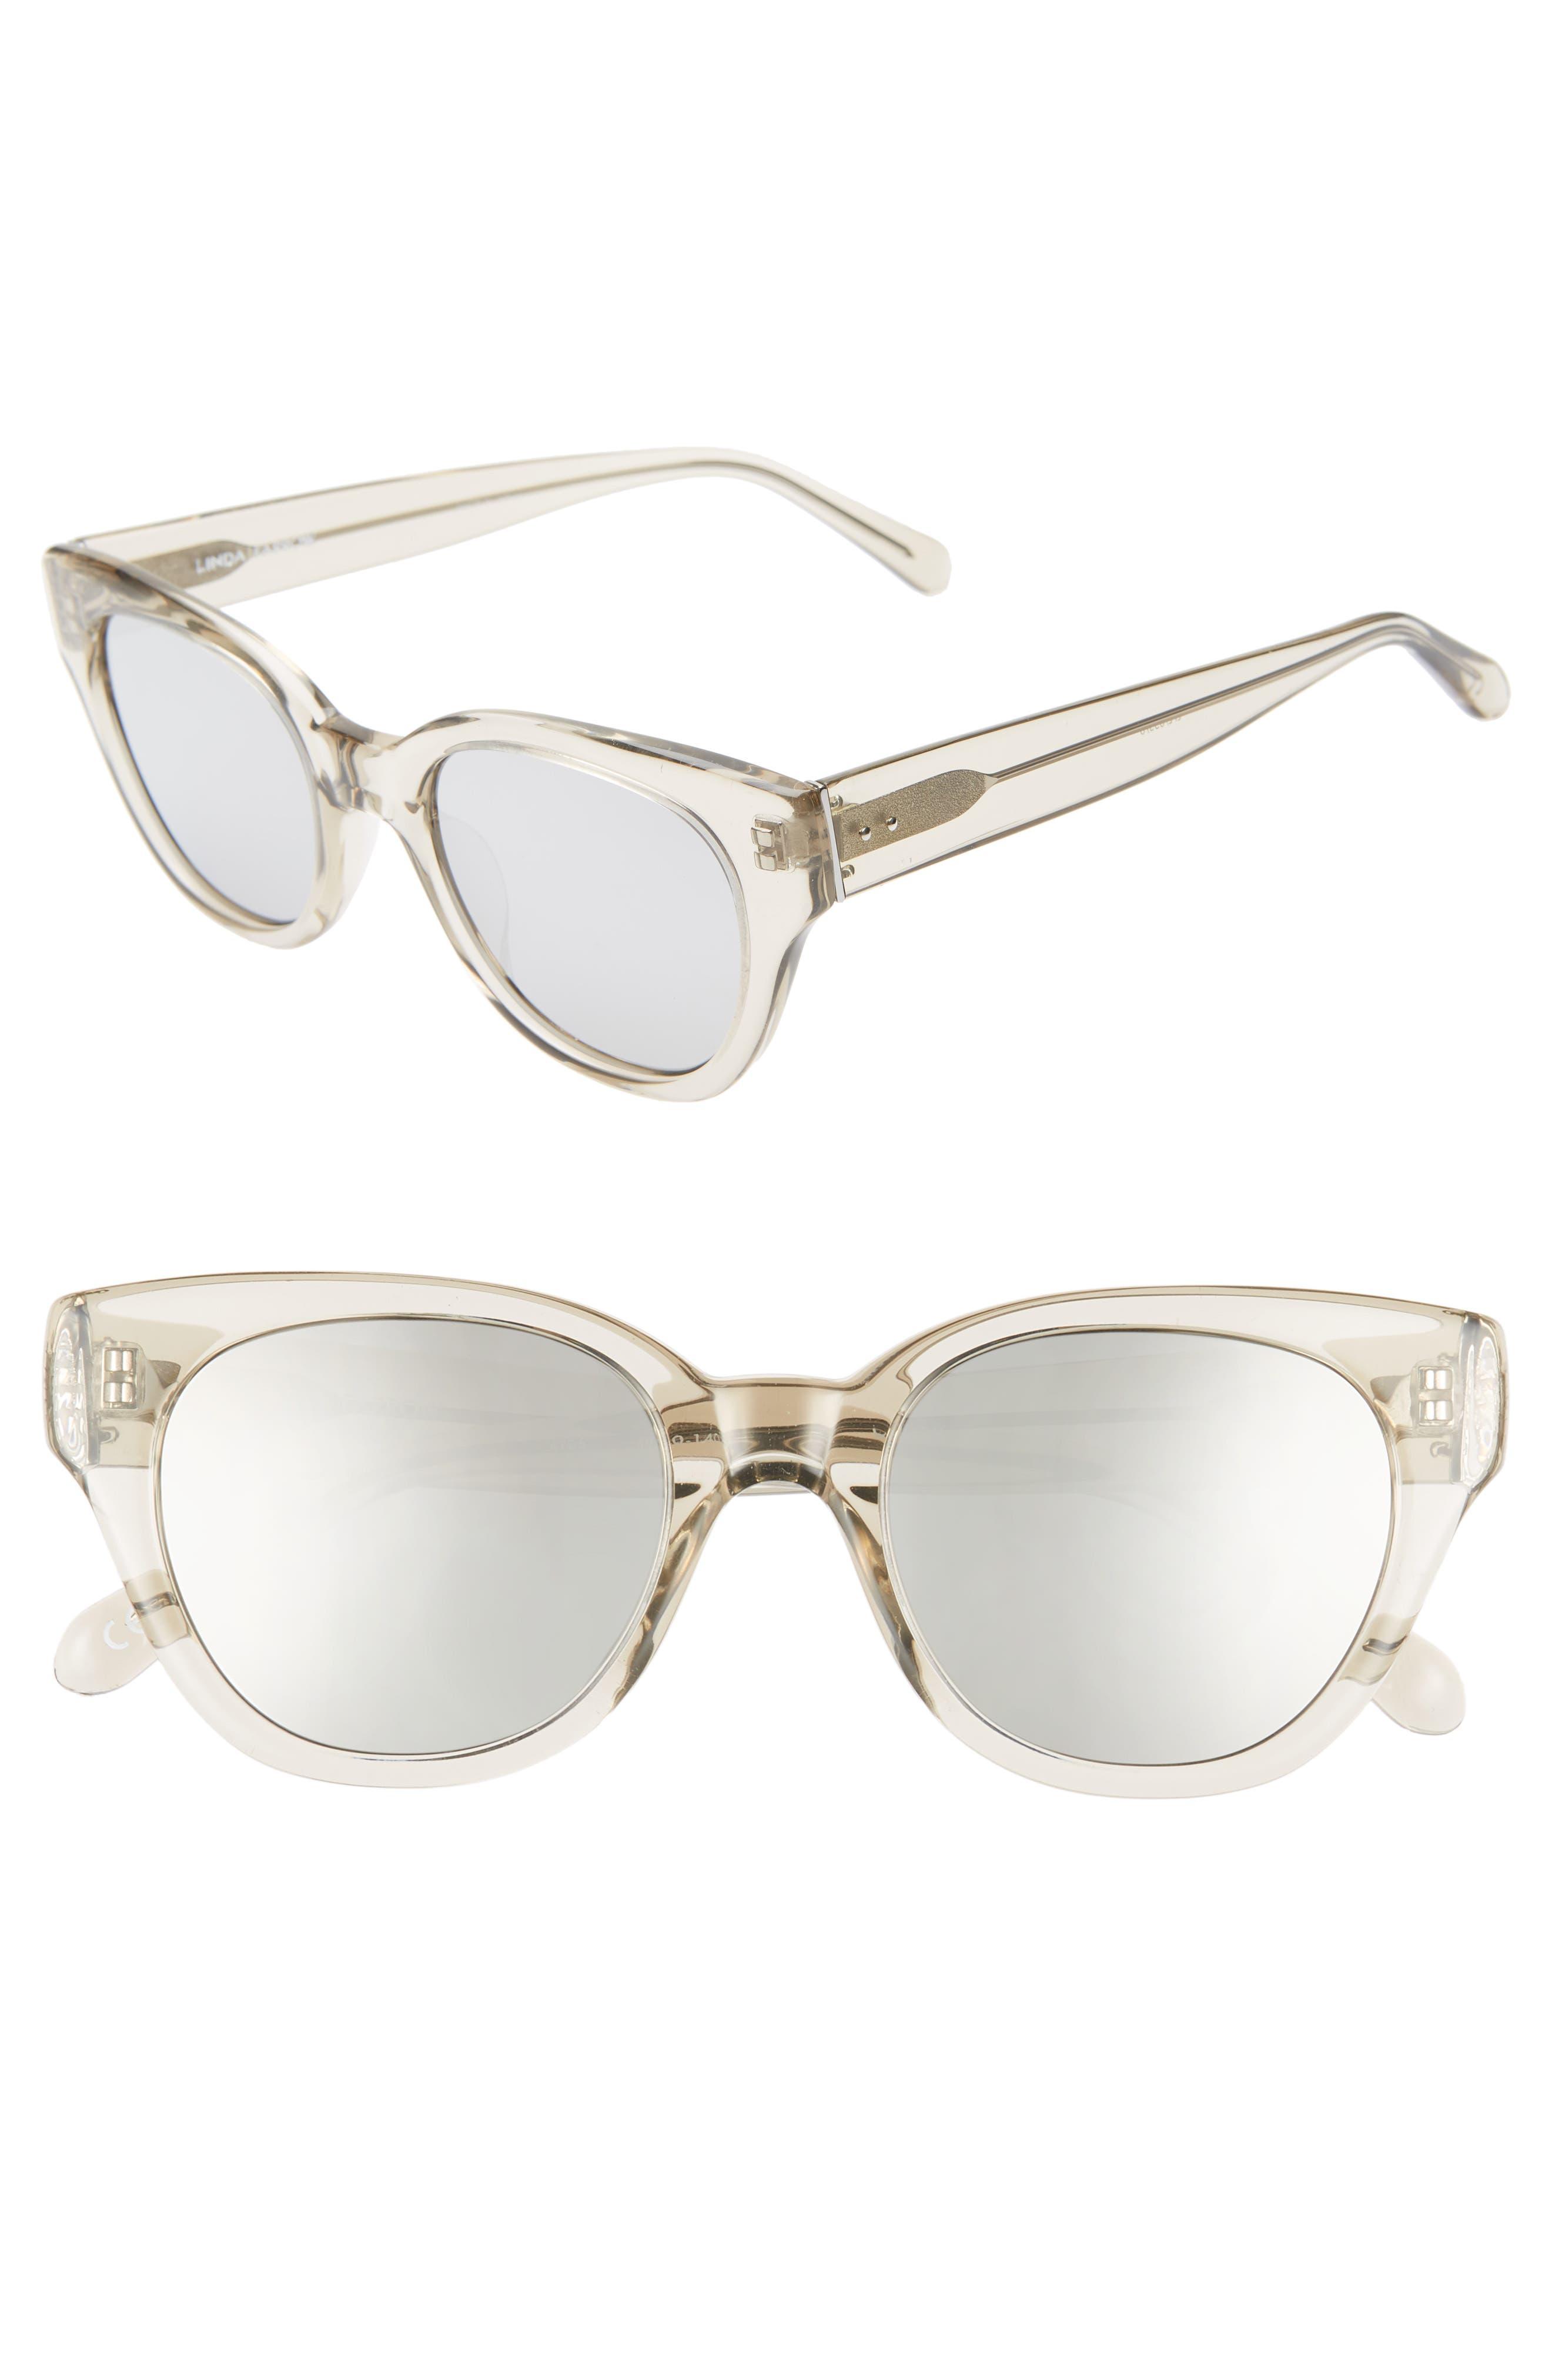 de9dcfeda5c5 Buy d-frame sunglasses   eyewear for women - Best women s d-frame ...